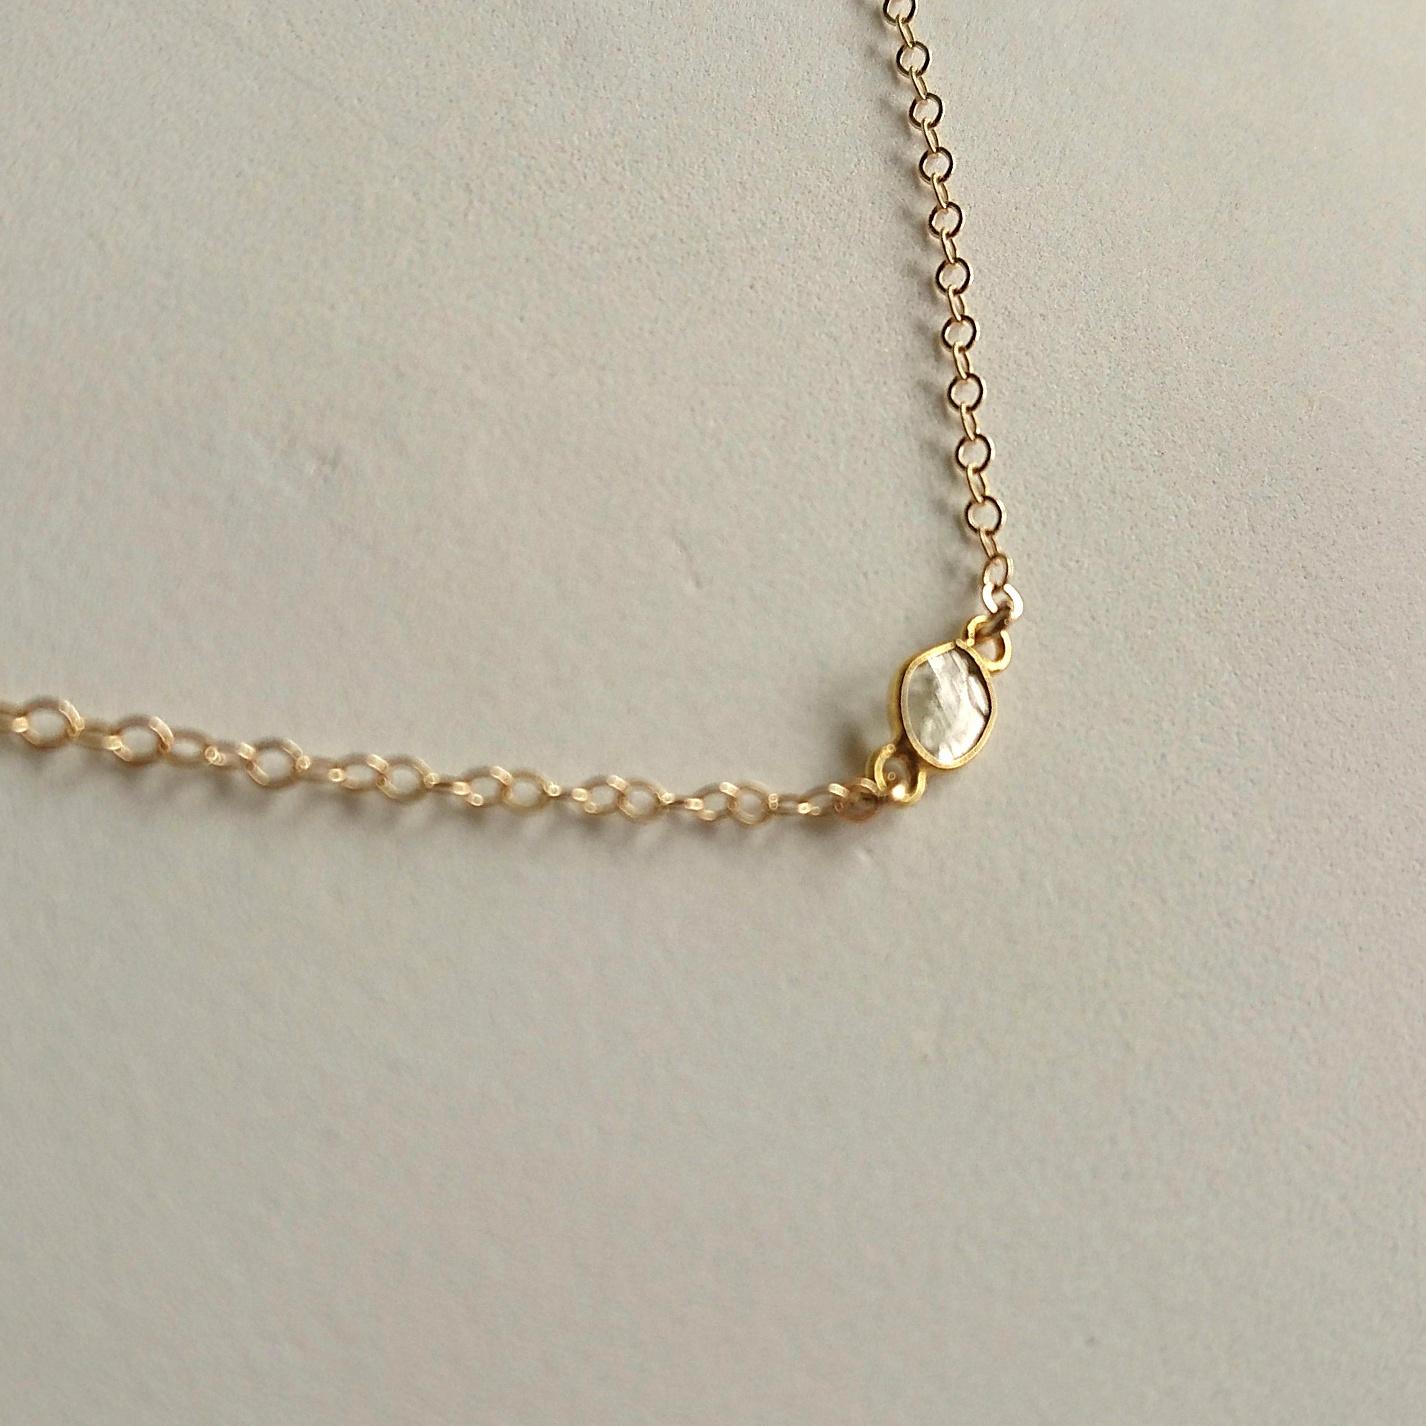 1万円台で魅力的なダイヤのネックレスを手に入れる方法